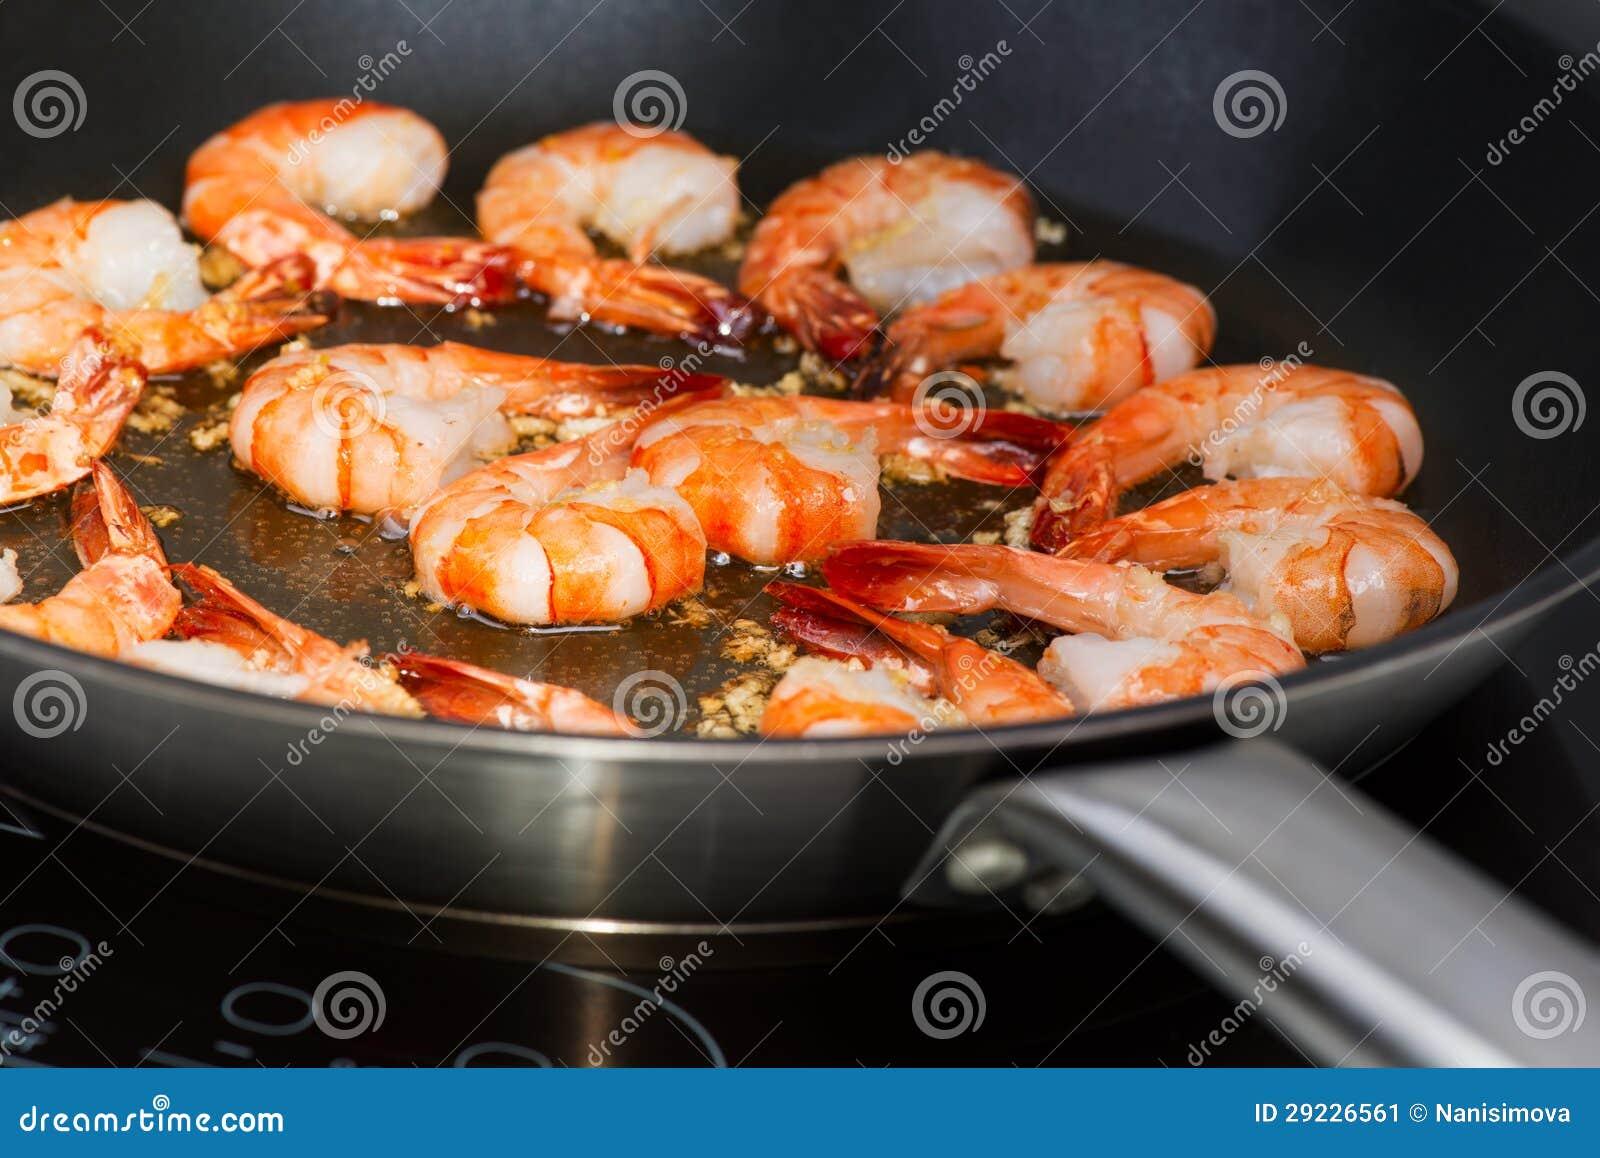 Download Camarão Fritado No Frigideira Imagem de Stock - Imagem de chinês, alimento: 29226561